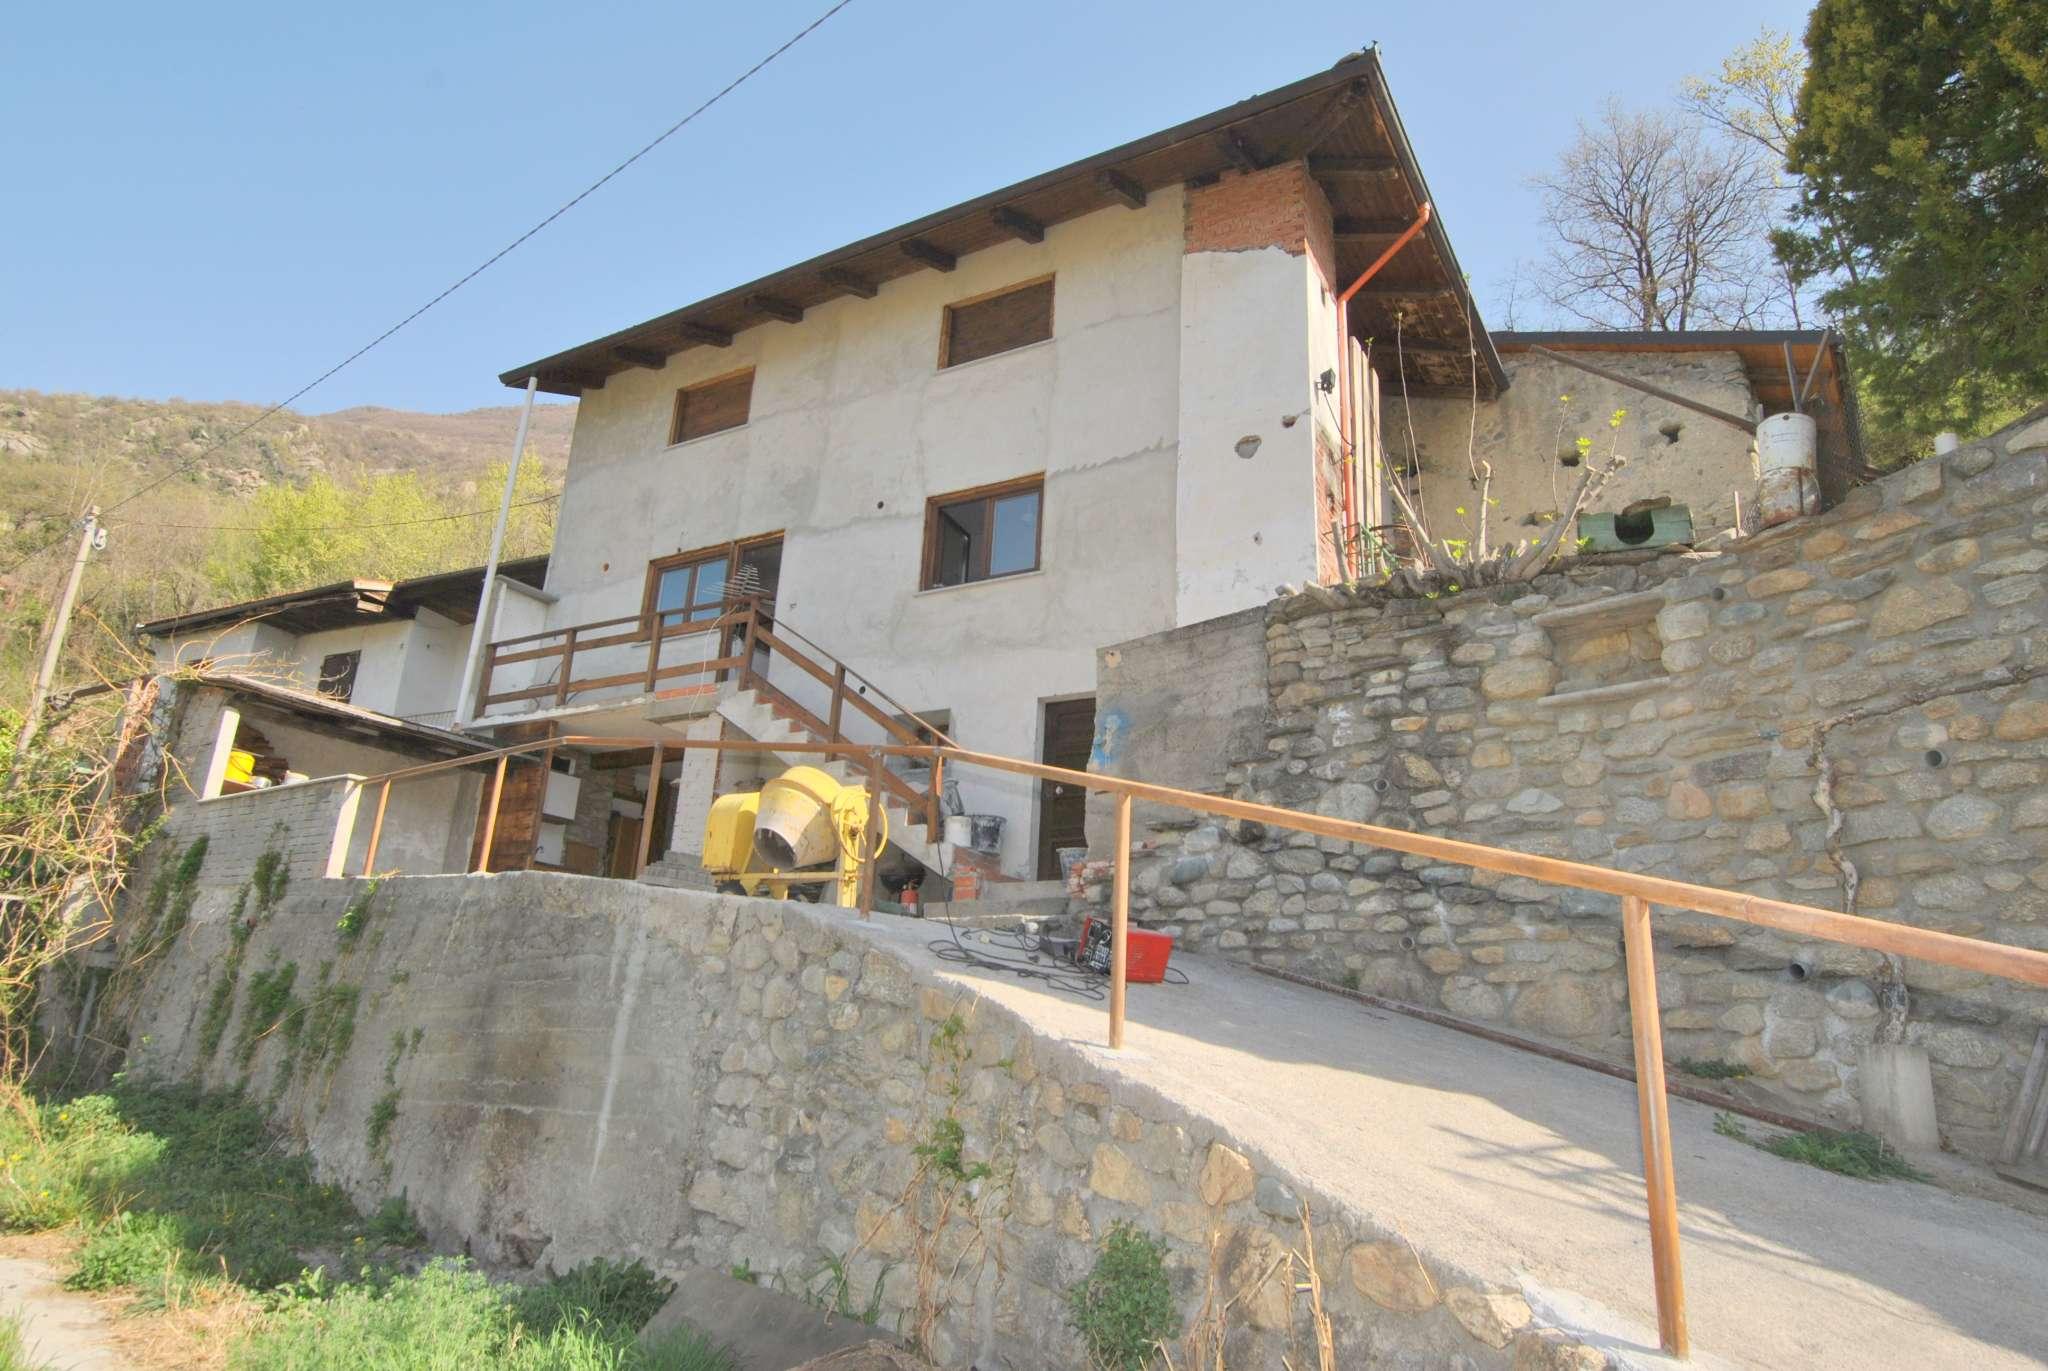 Soluzione Semindipendente in vendita a Borgone Susa, 4 locali, prezzo € 125.000   PortaleAgenzieImmobiliari.it